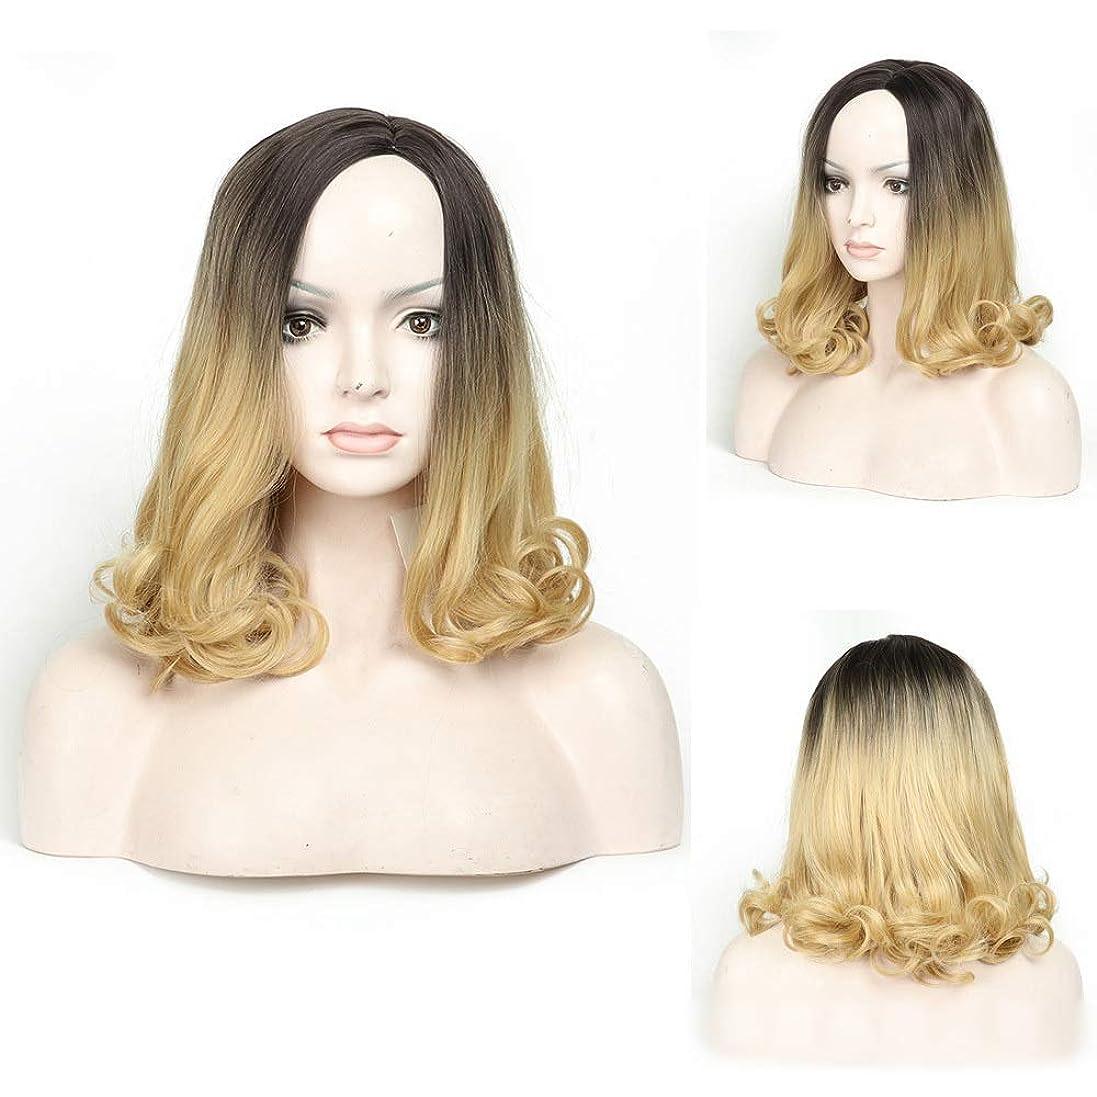 好奇心盛内訳増強Mayalina 肩の長さの実体波かつらファッション黒ルーズグラデーションブロンドナチュラルカーリーウィッグ女性のための毎日のコスプレドレスパーティーかつら (色 : Blonde, サイズ : 14 inch)